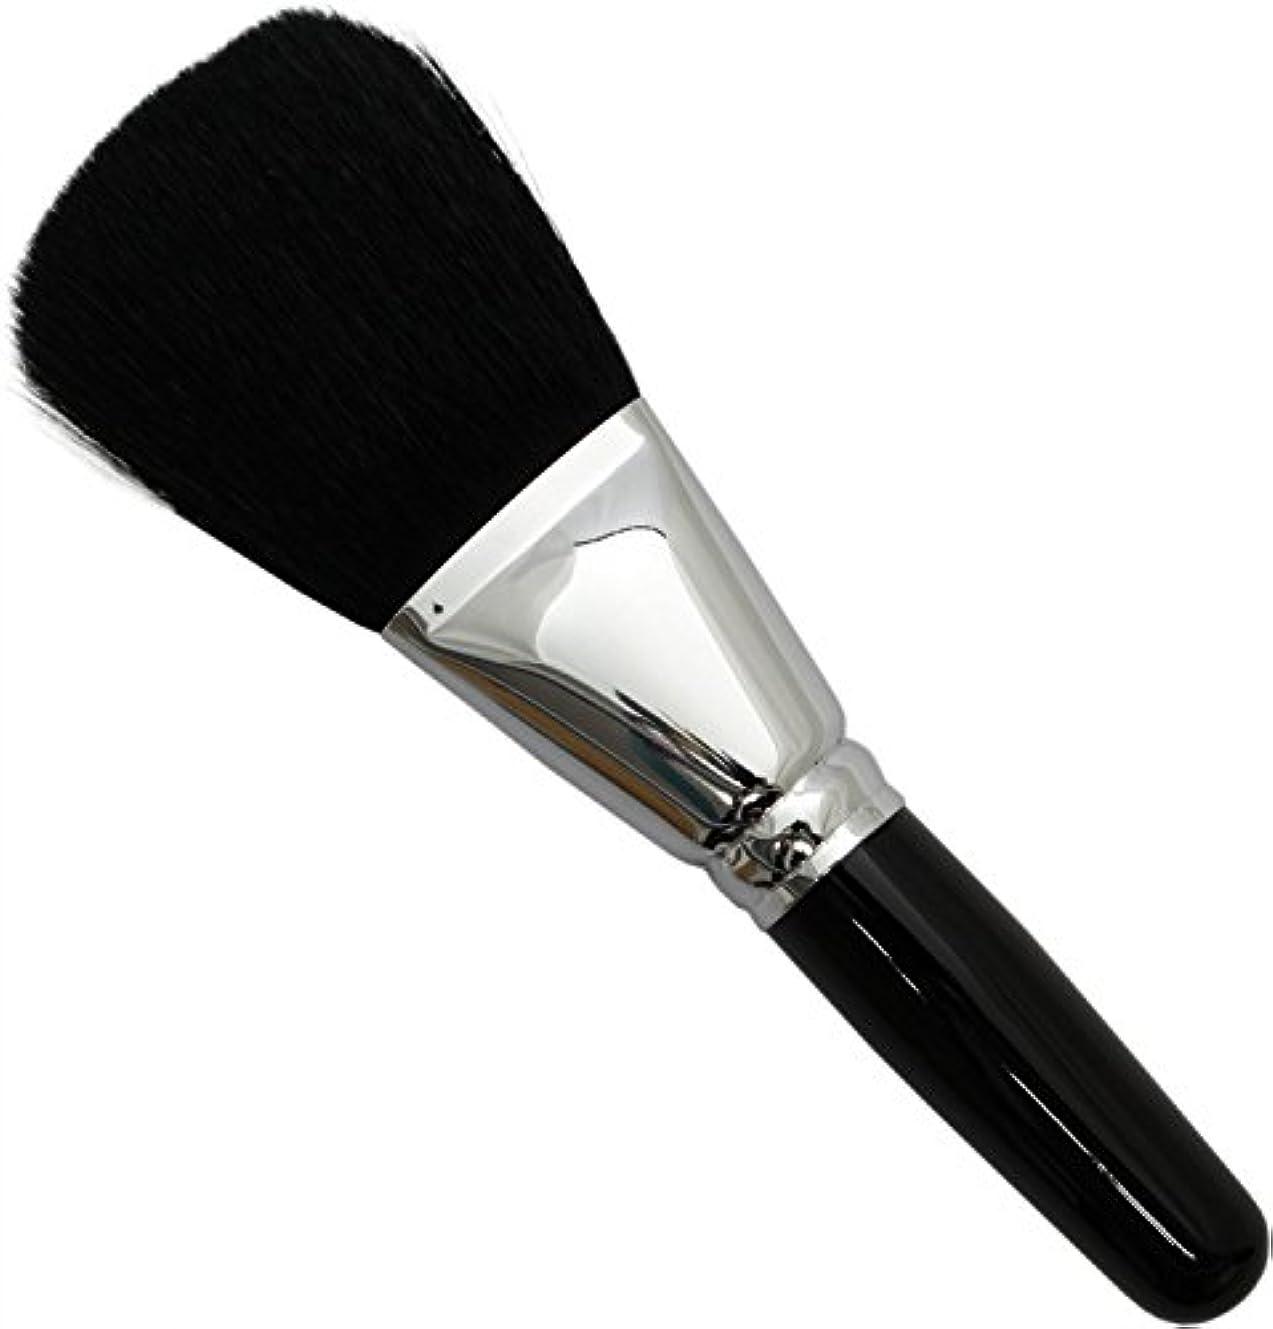 回答イソギンチャクロッジ熊野筆 メイクブラシ SRシリーズ フィニッシングブラシ 山羊毛